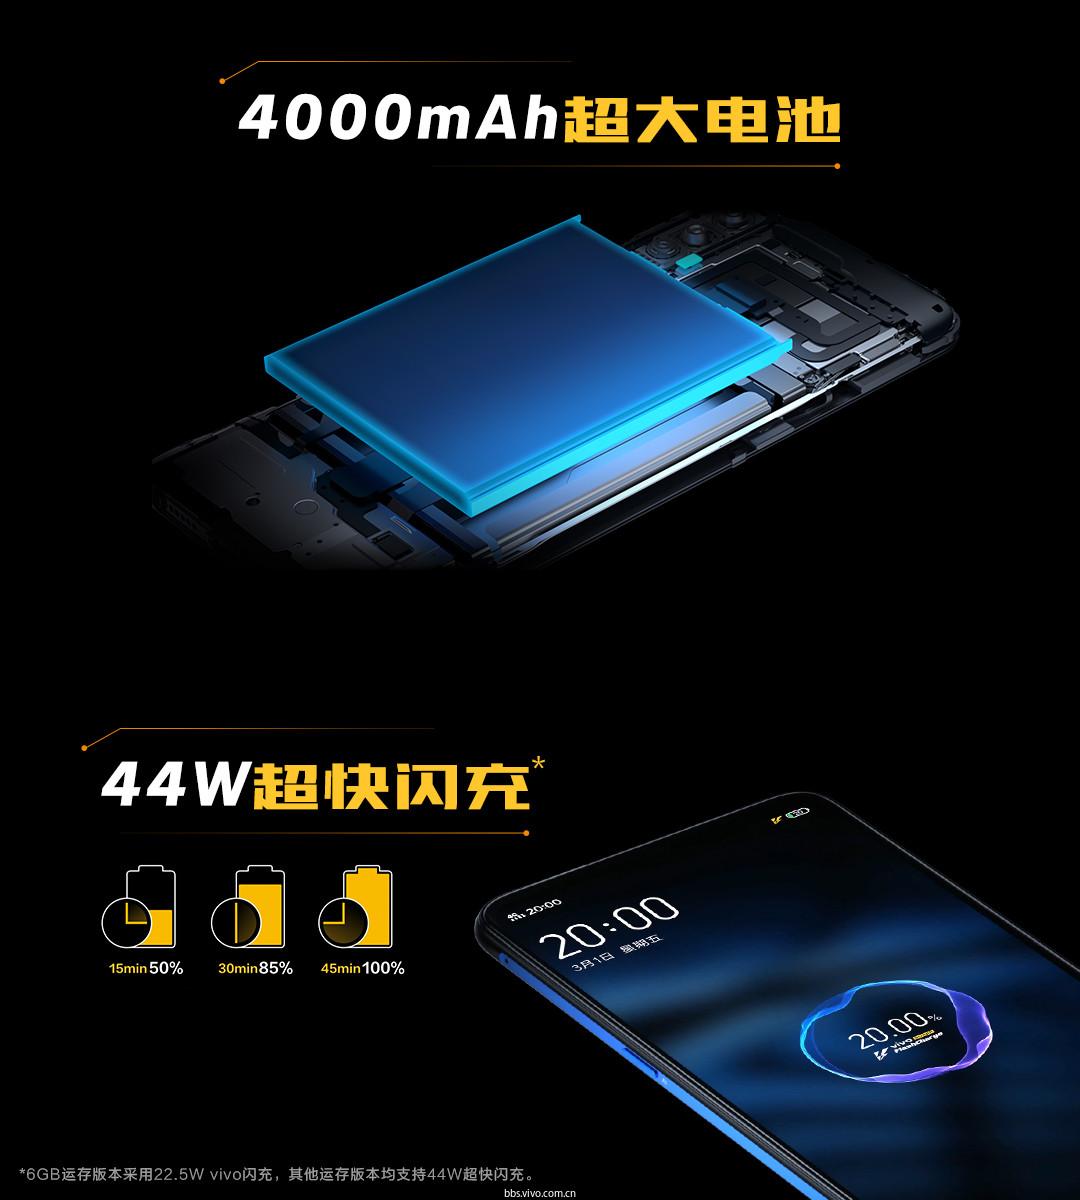 06 大电池 44W超快闪充.jpg